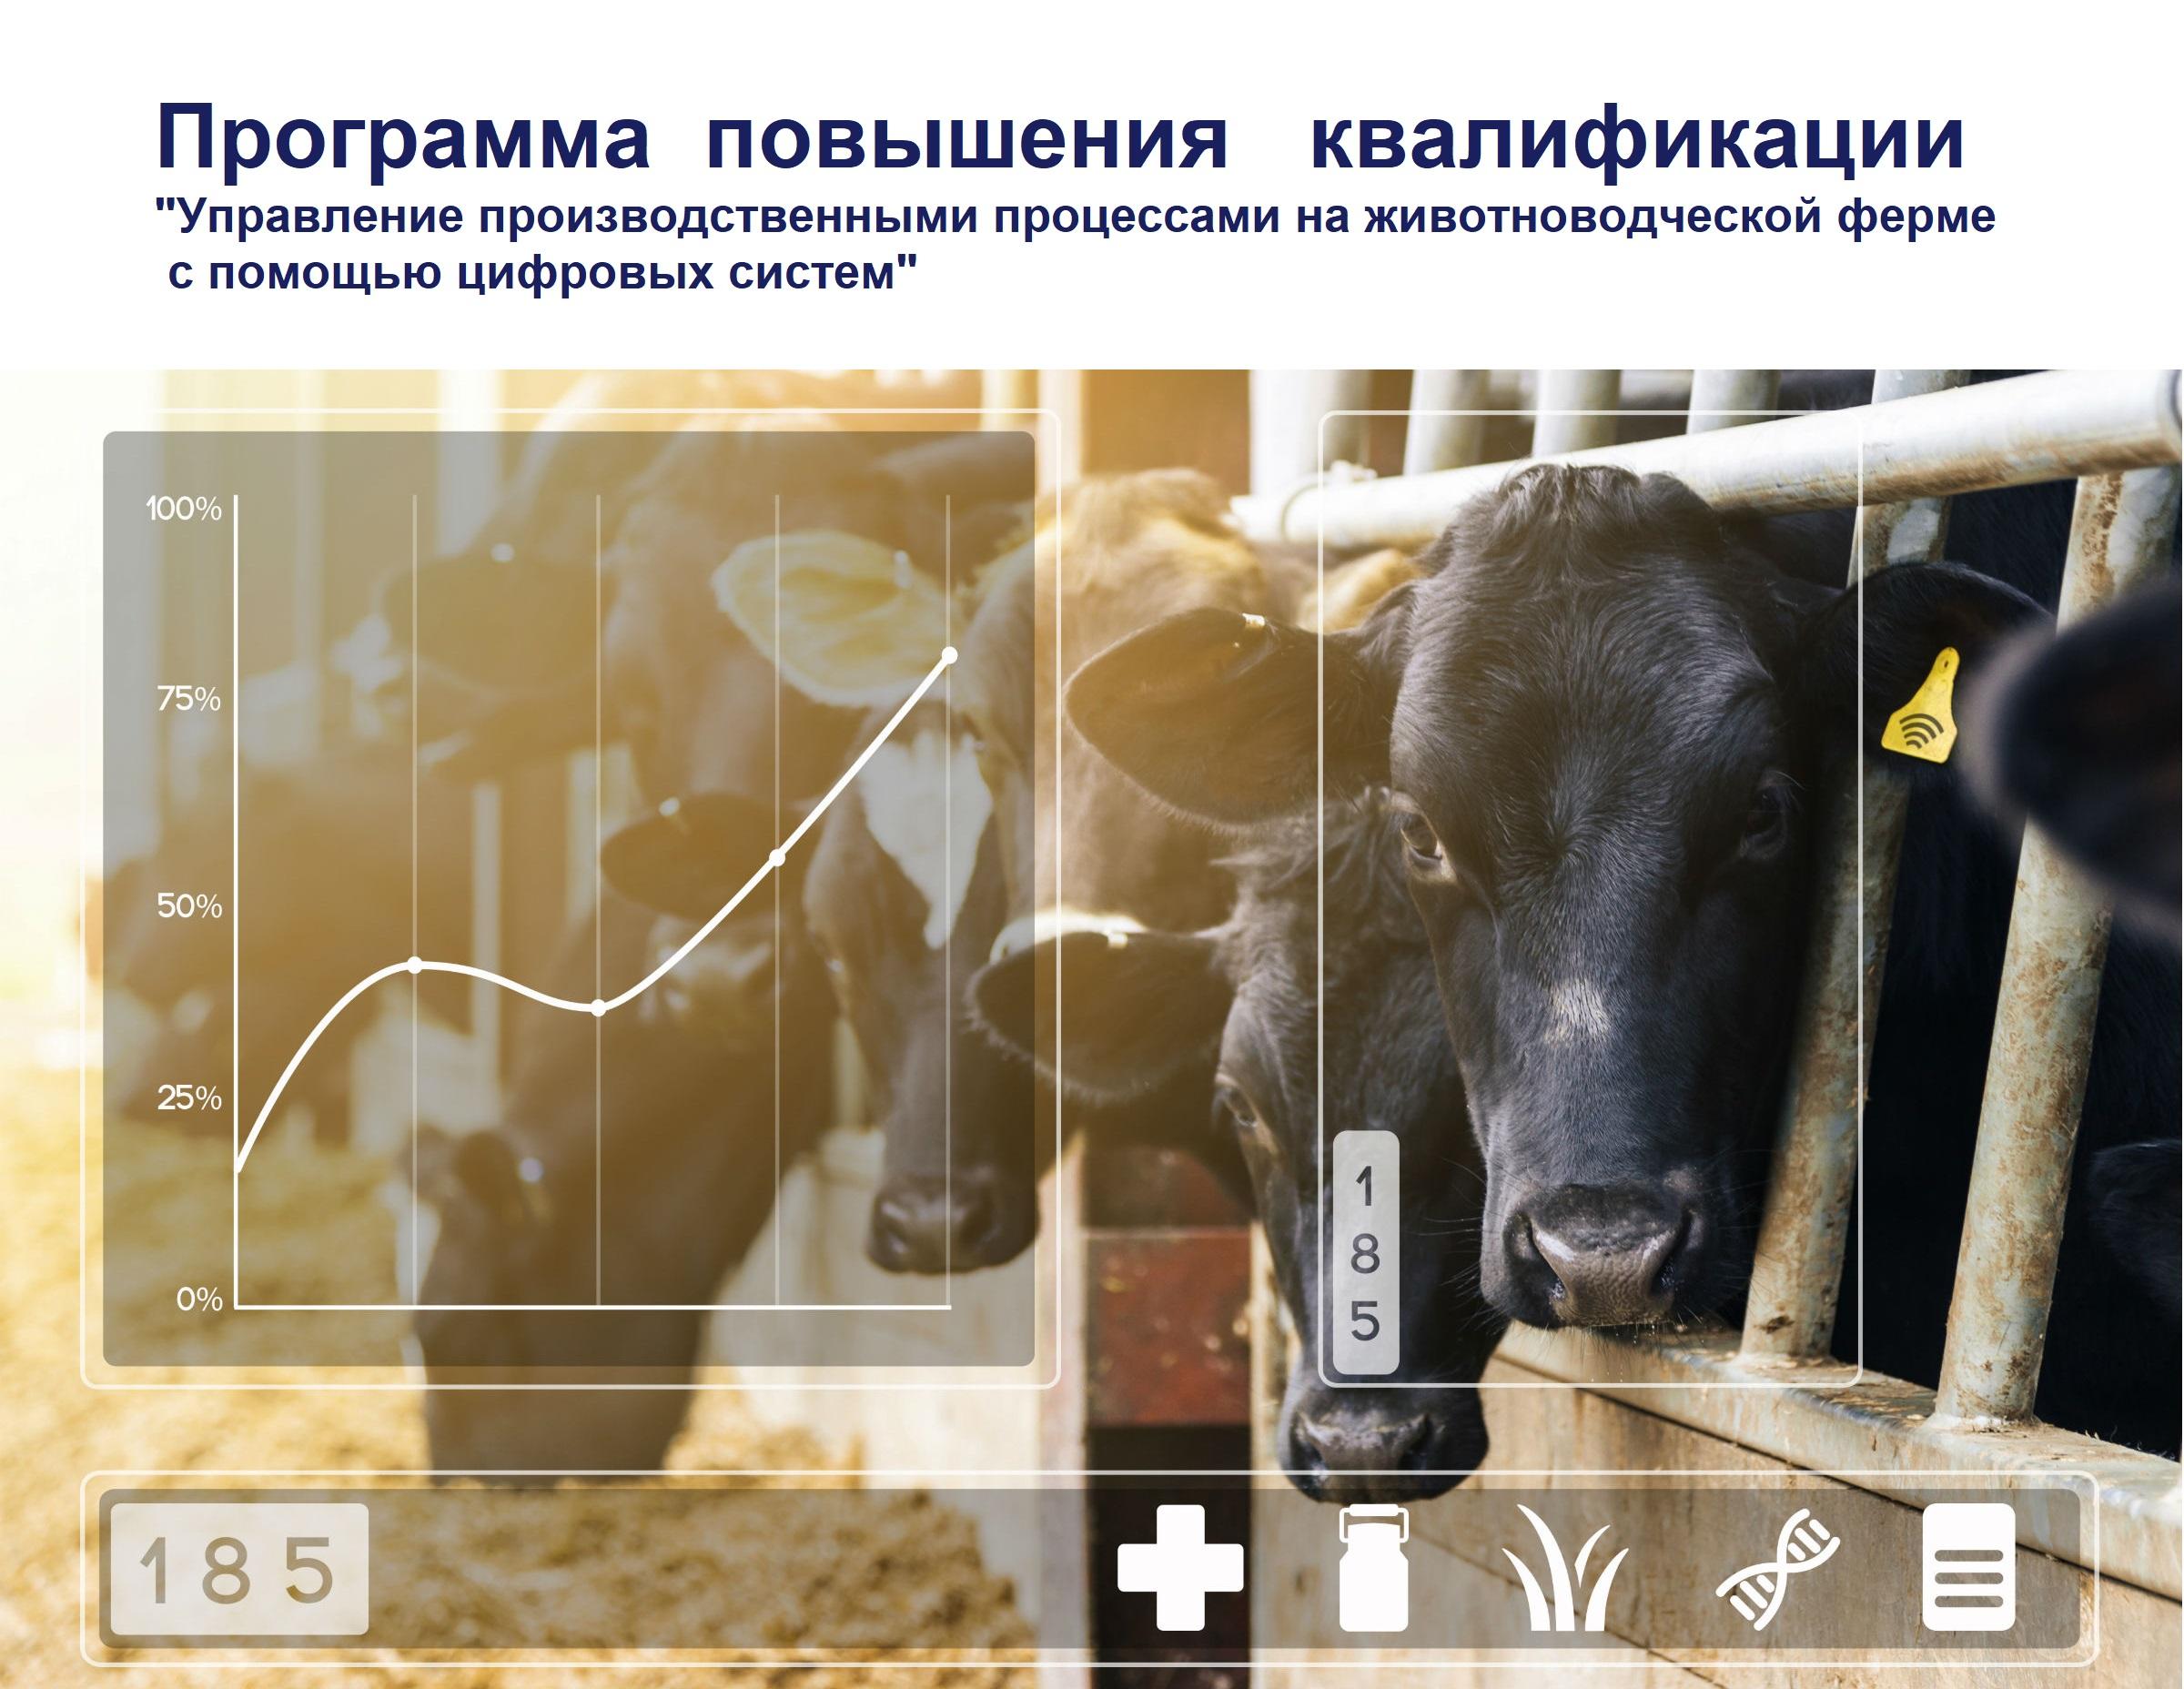 """Программа повышения квалификации """" Управление производственными процессами на животноводческой ферме с помощью цифровых систем"""""""